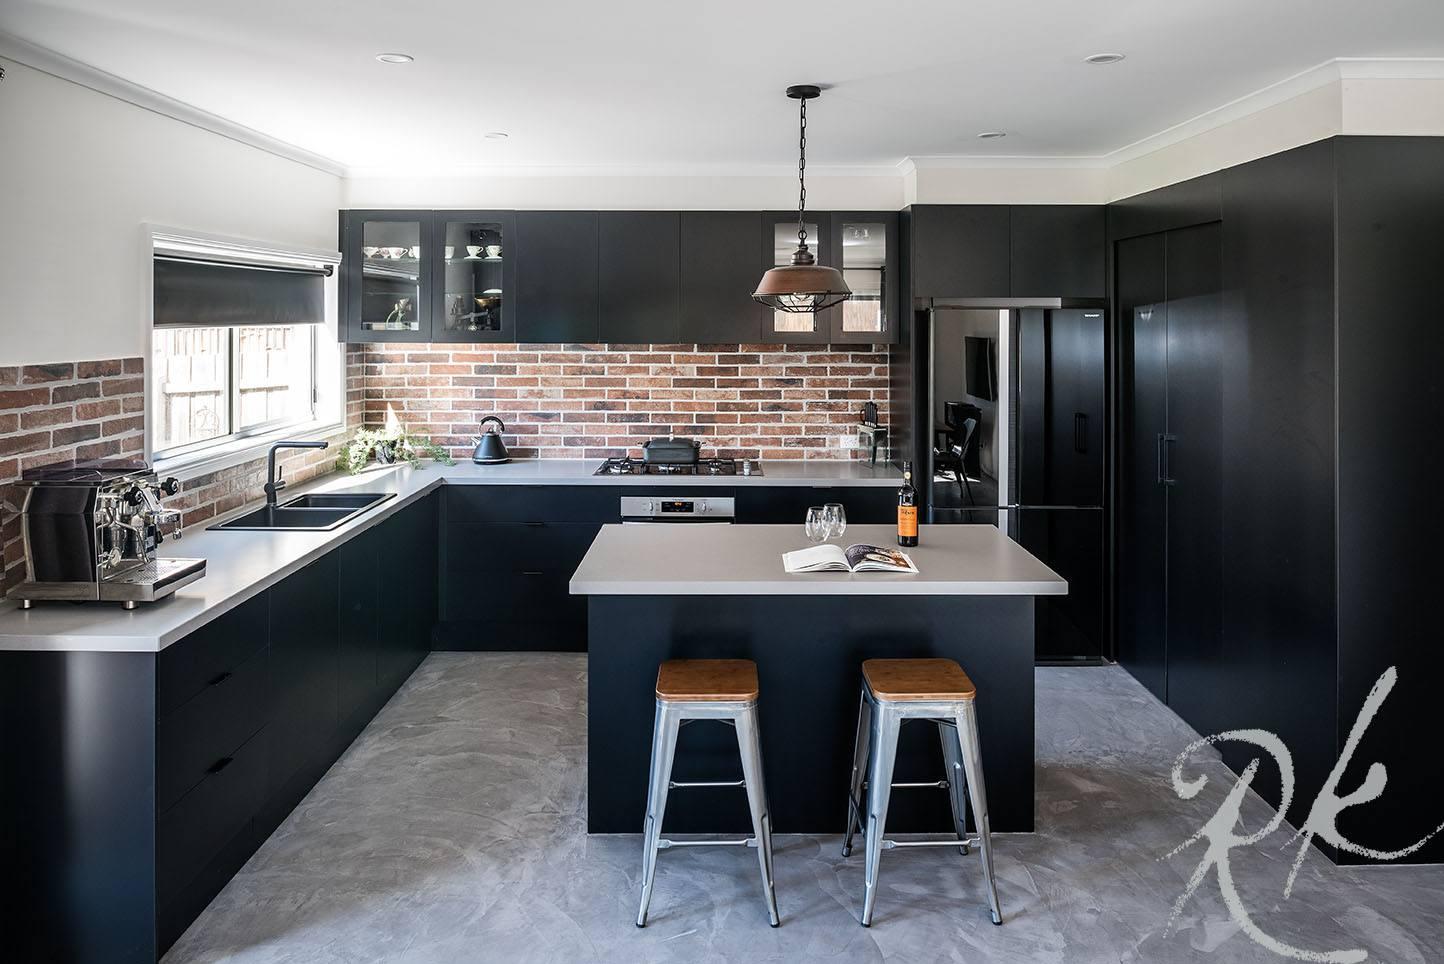 Kitchen Gallery - Display Kitchen - Rosemount Kitchens